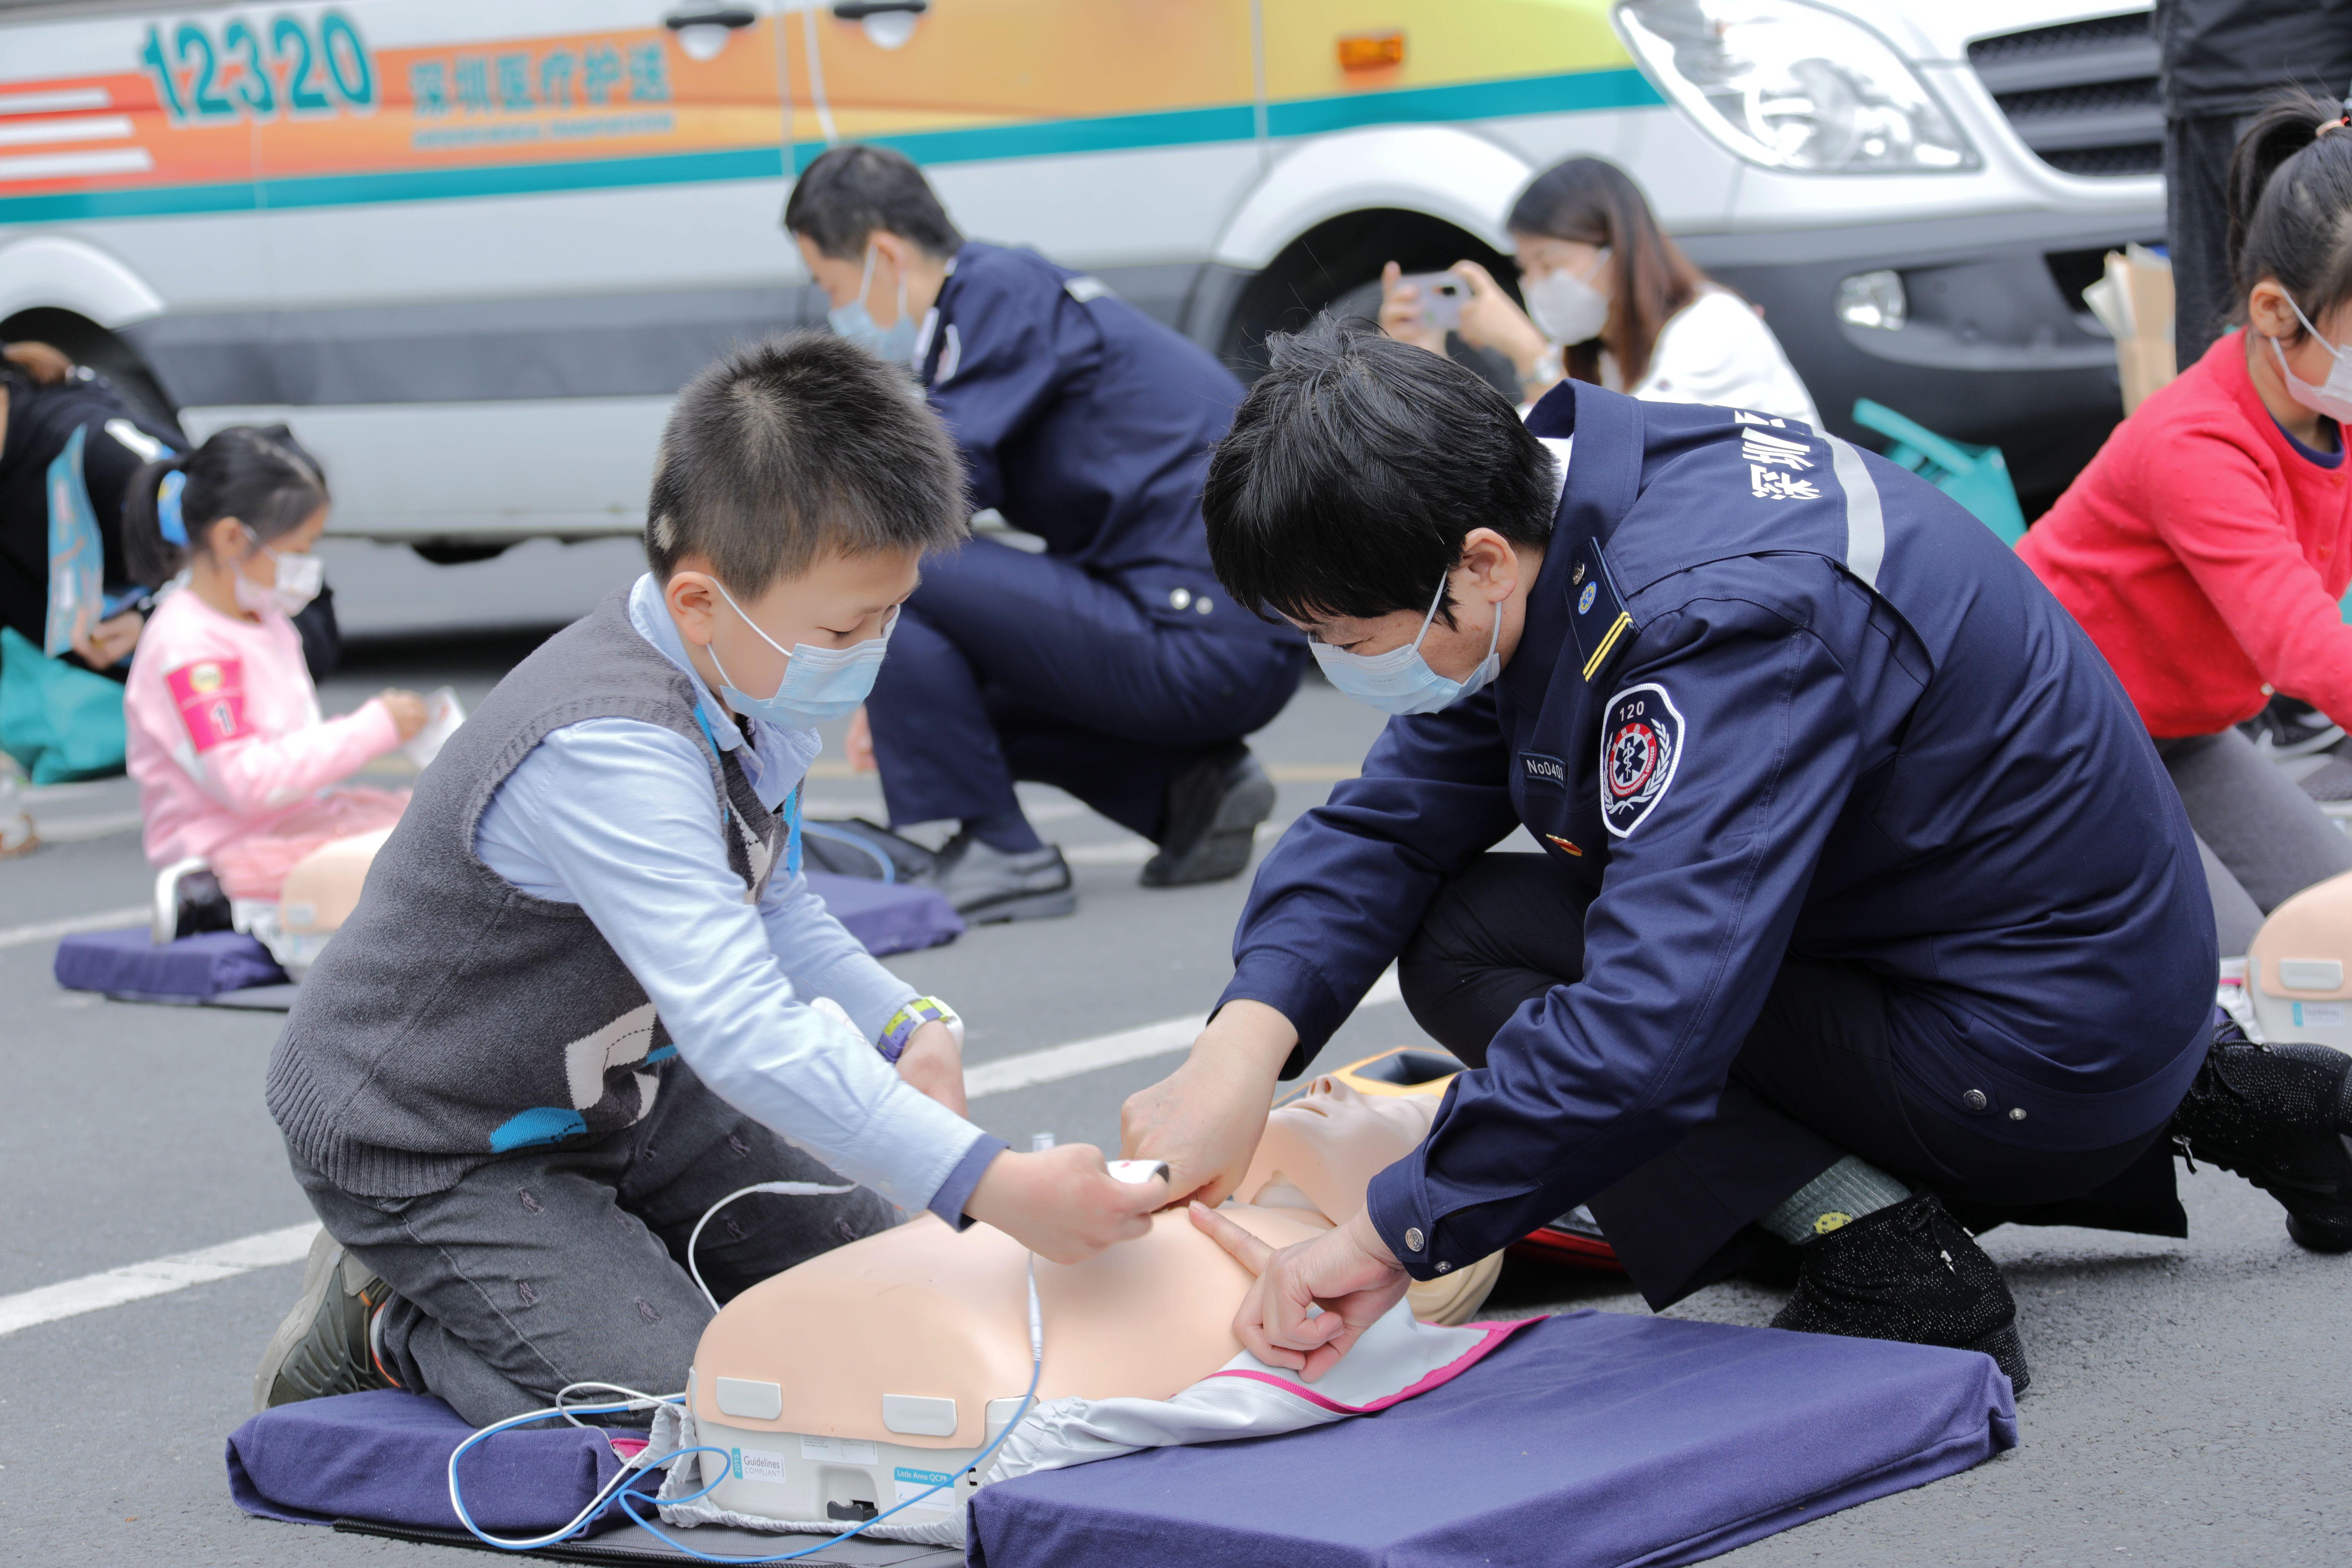 发布会现场。深圳市急救中心供图